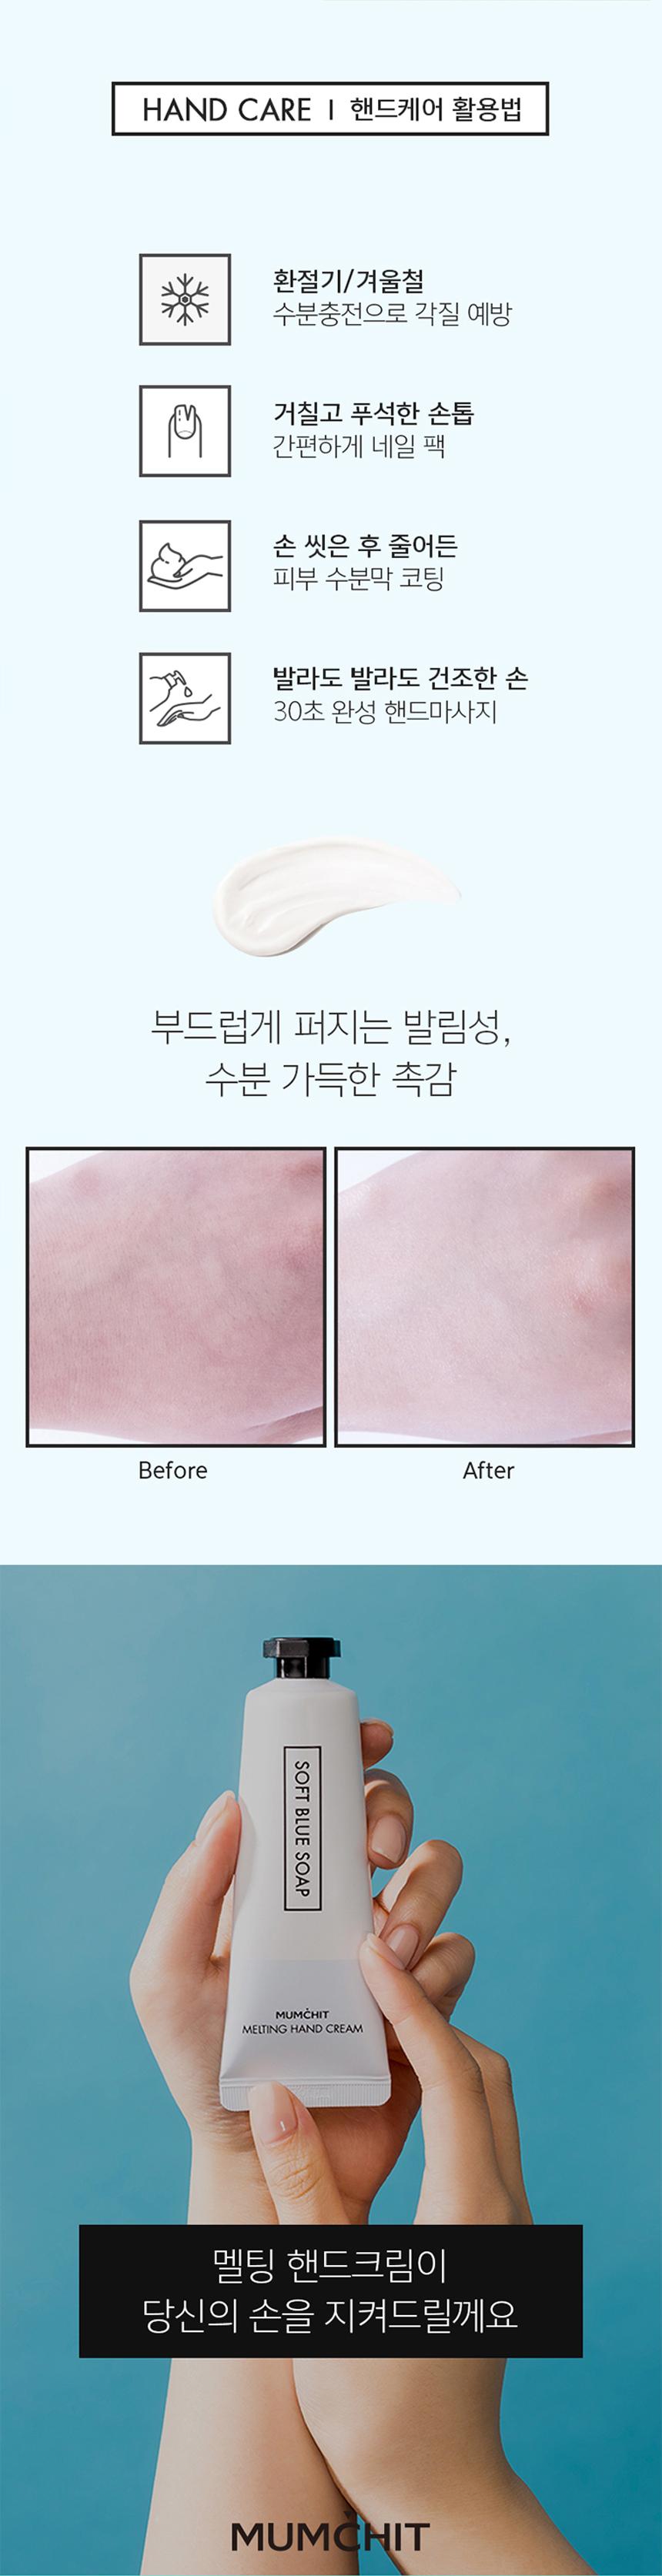 멈칫 멜팅 핸드크림 4종 - 멈칫, 7,900원, 바디케어, 핸드/풋크림